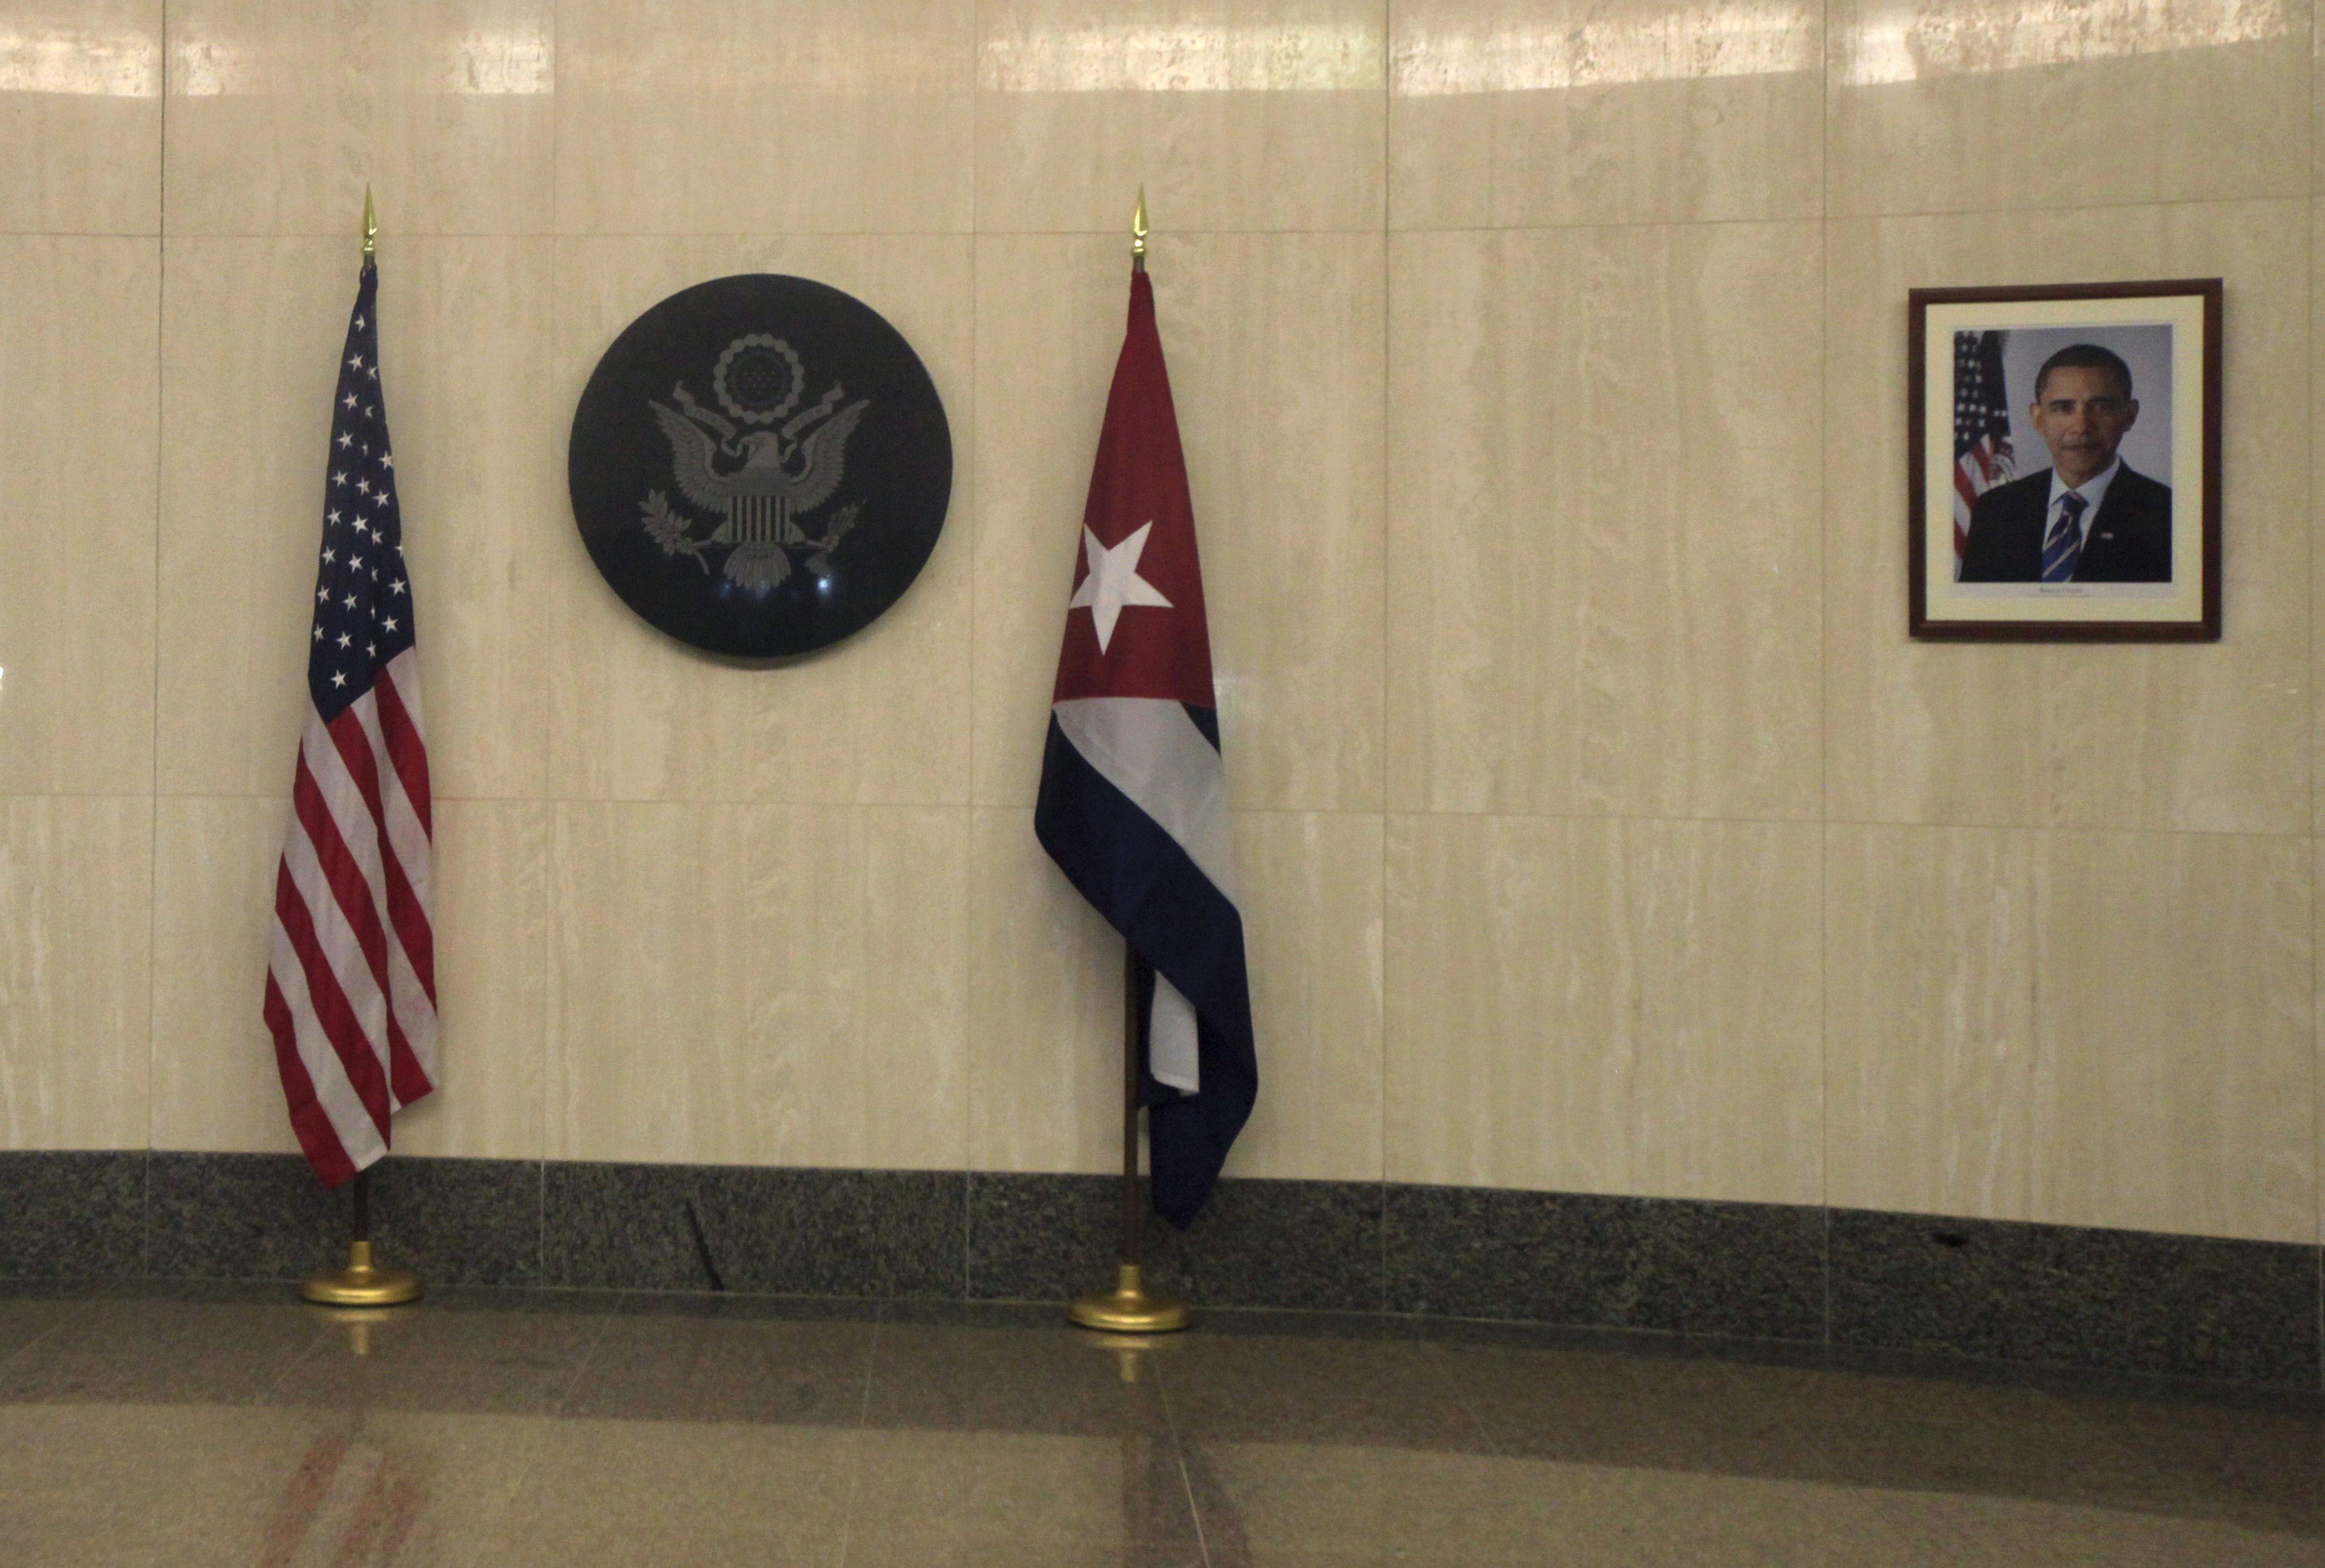 Castro fête son anniversaire avec Maduro et Morales : ce que cela laisse présager des relations de Cuba avec les Etats-Unis